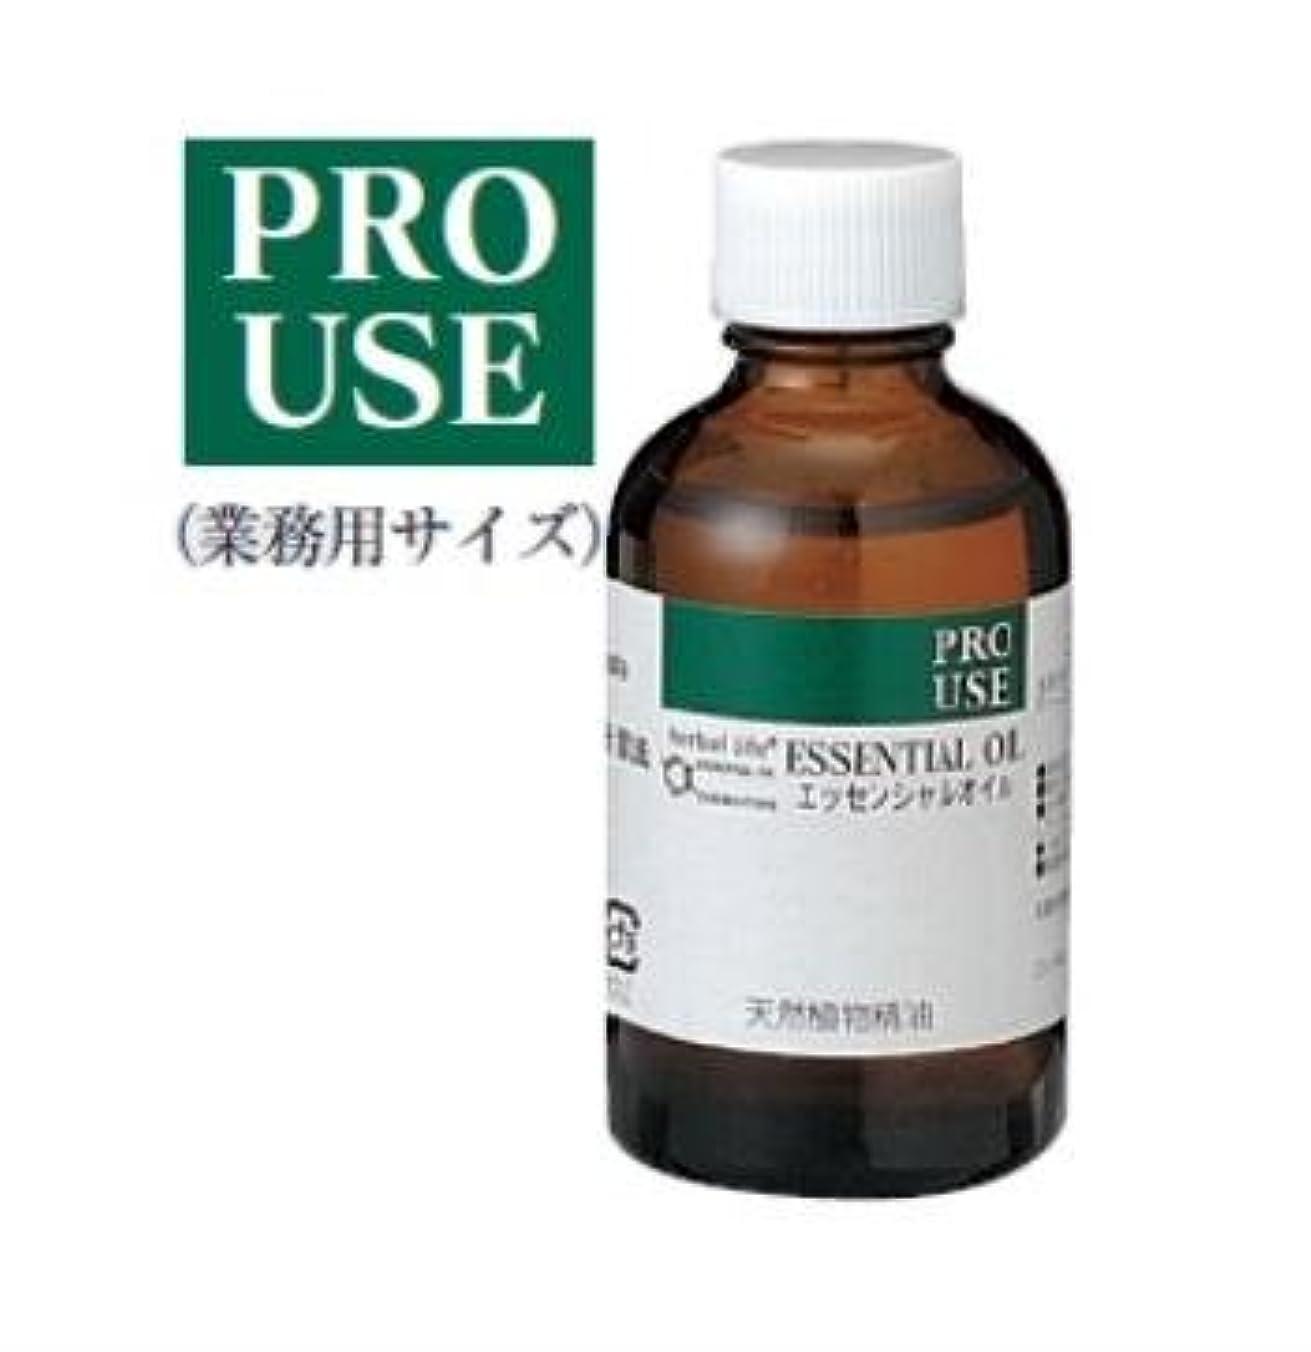 生活の木 ラベンダー[ブルガリア産]50ml エッセンシャルオイル/精油